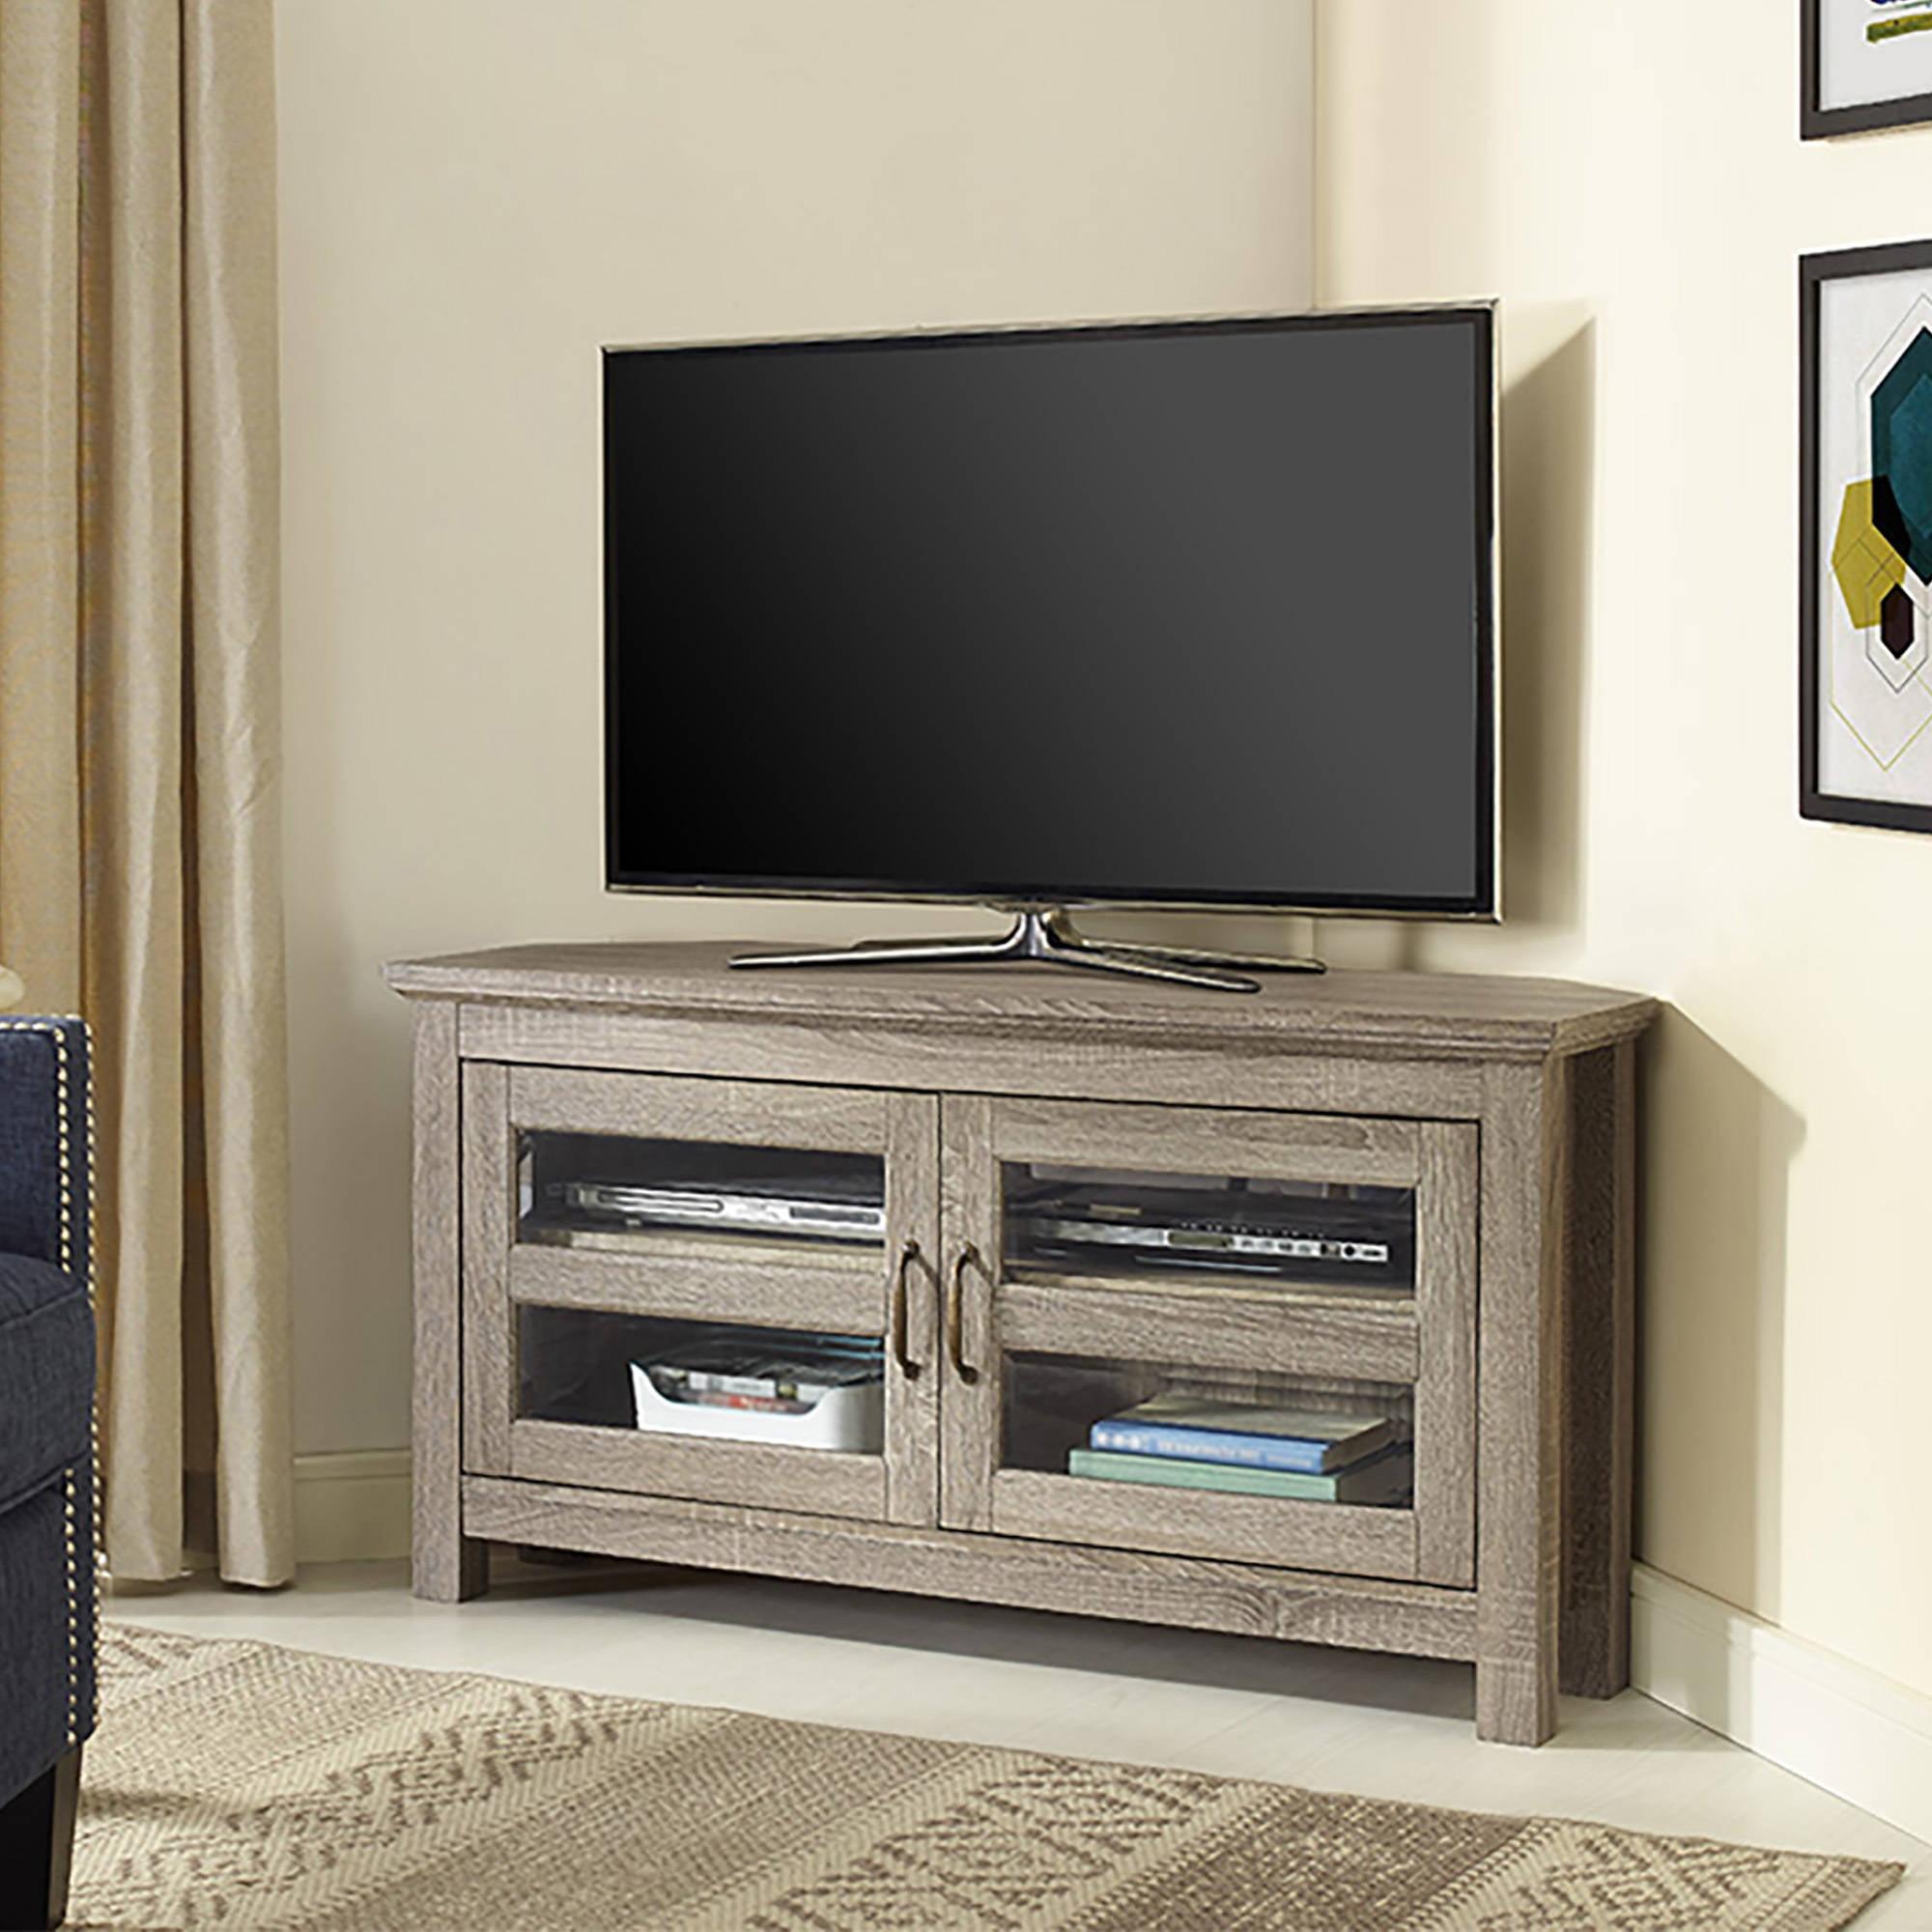 for up pedestal walmart ip wide tvs to black ameriwood stand home tv altramount elevation com